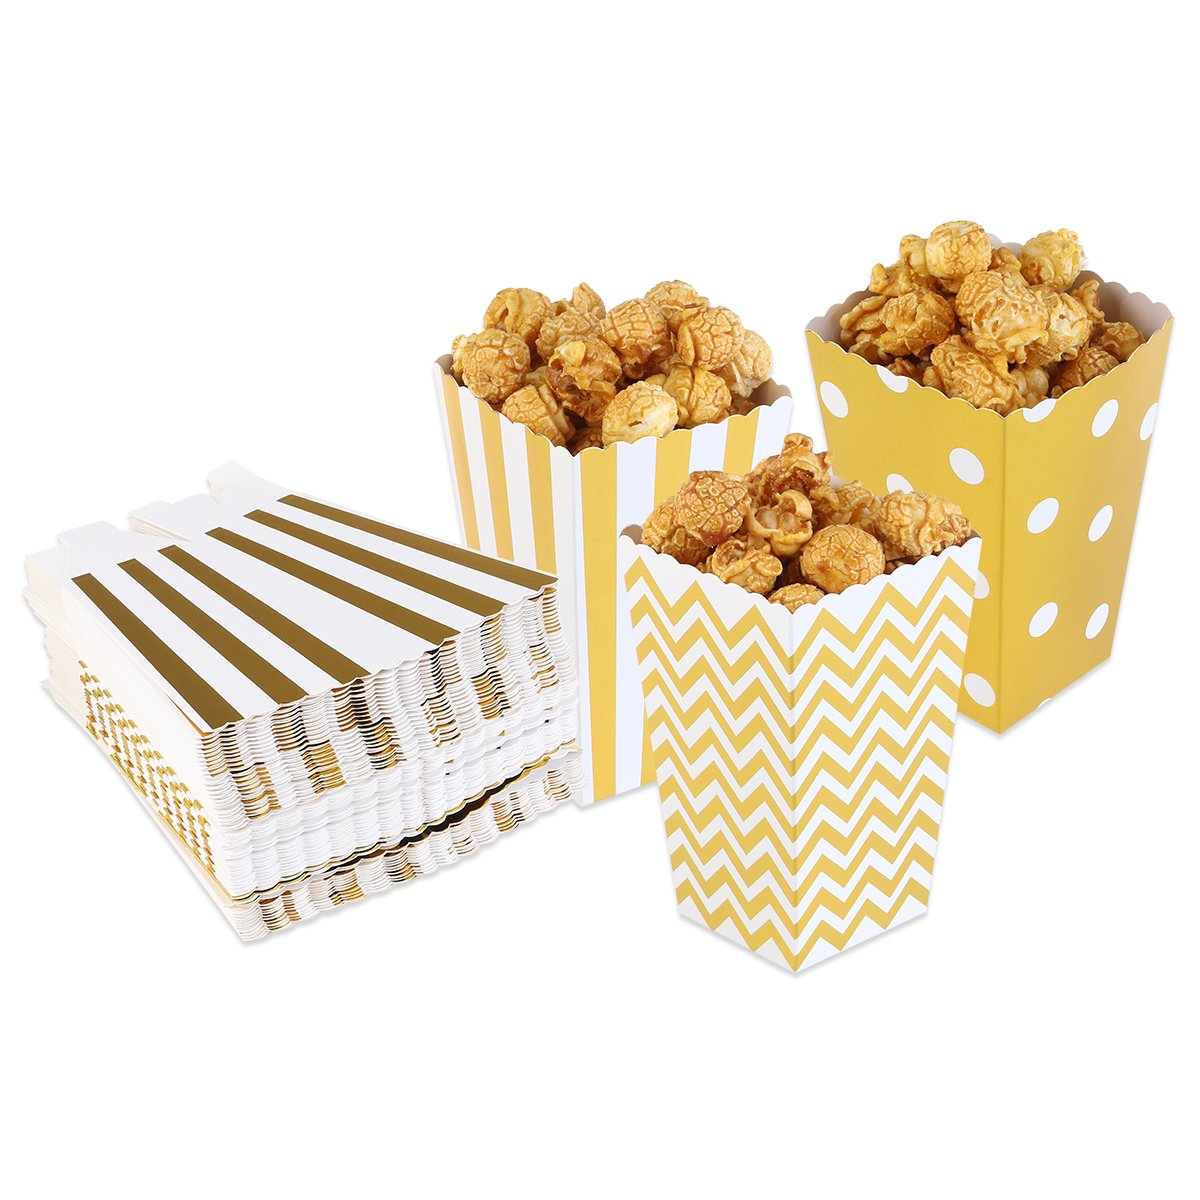 BESTOMZ Scatole di Popcorn, 50Pcs Popcorn scatole cartone caramella contenitore cibo deposito casella trattare scatole, oro